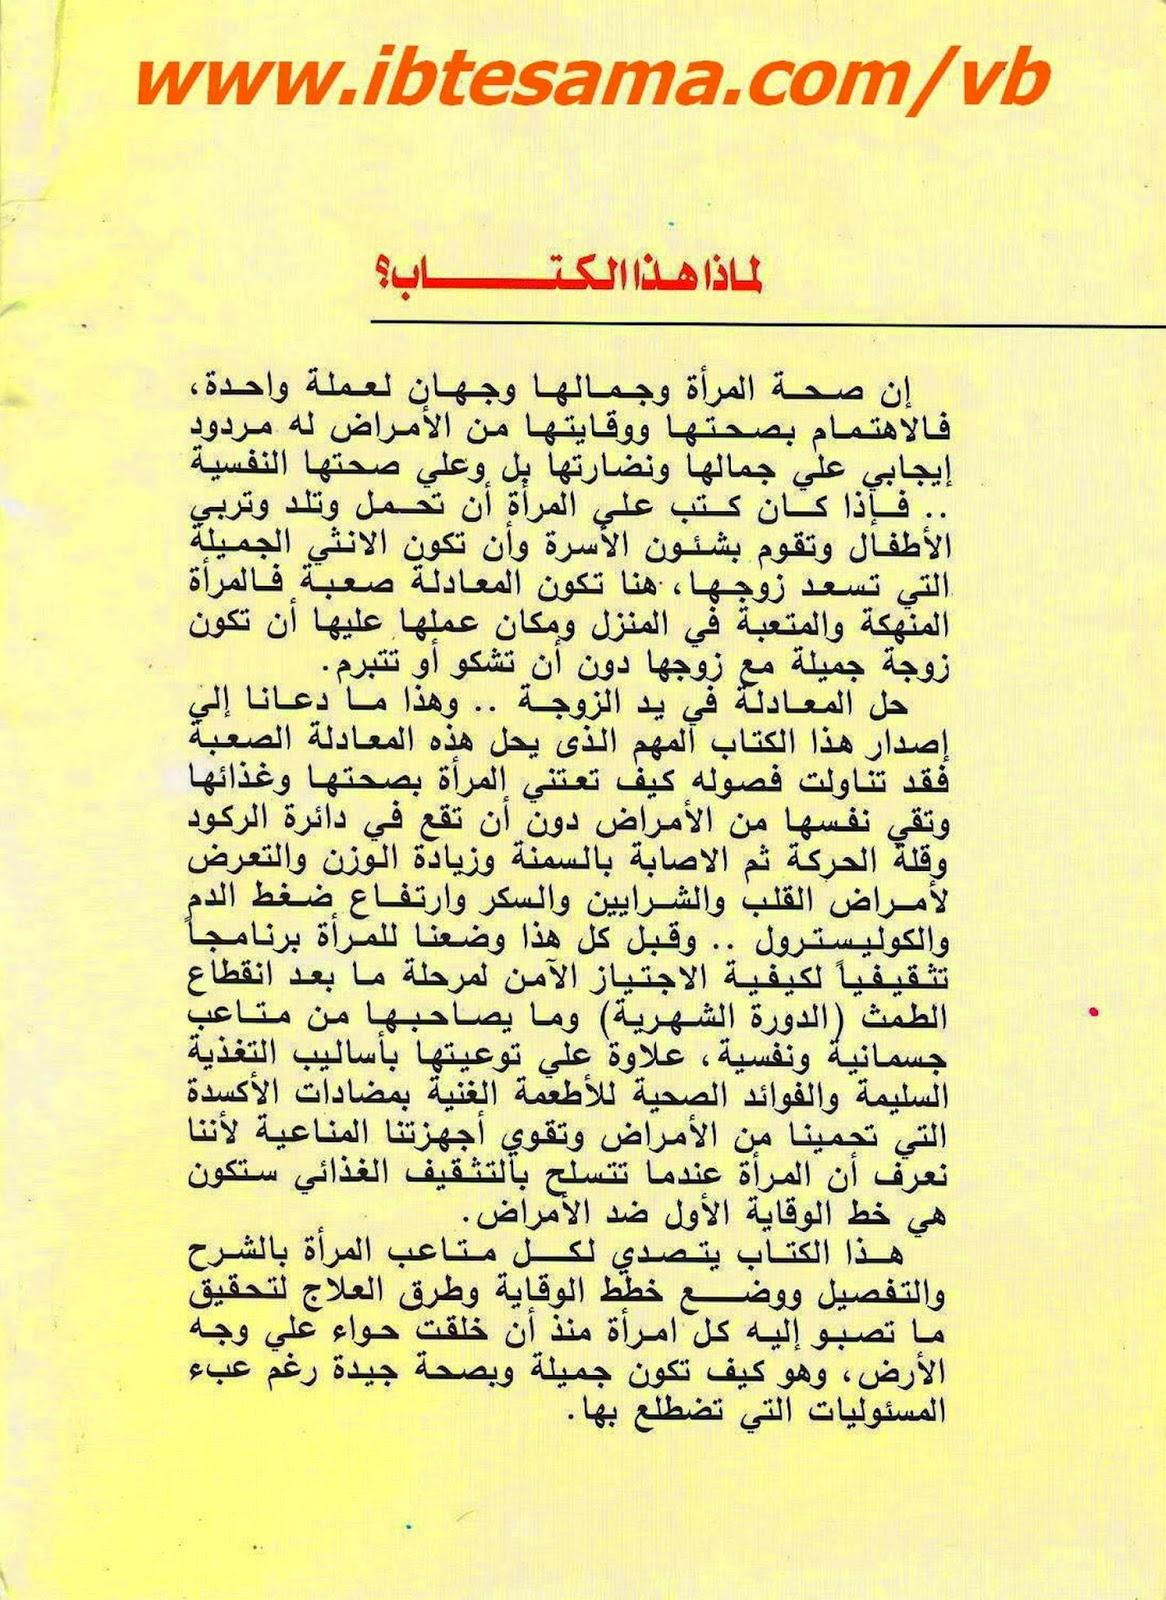 روشتة للجمال والشباب الدائم - محمد ثروت غنيم pdf